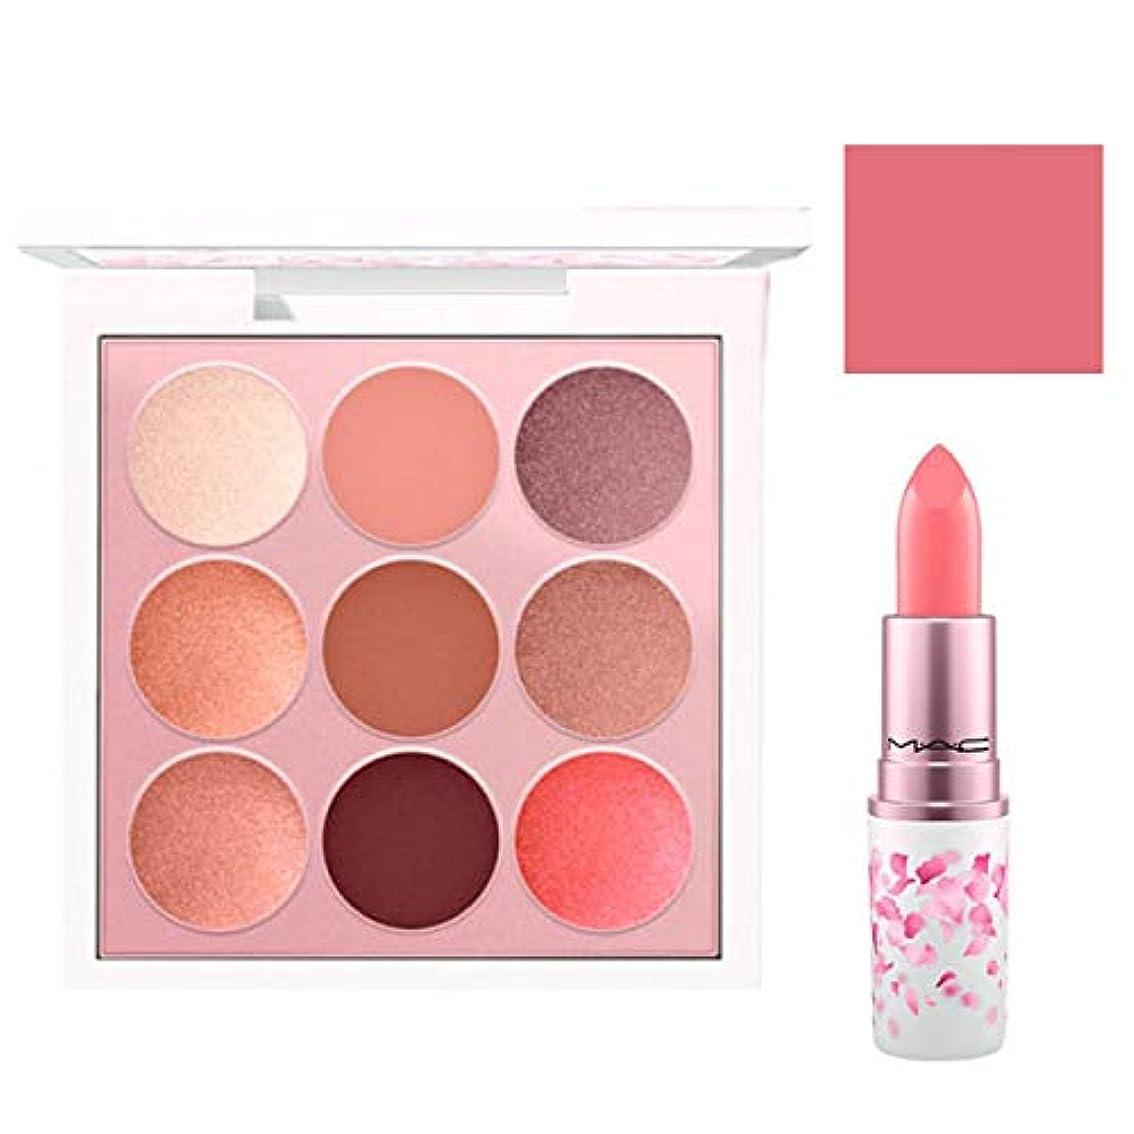 幾分さまようミントM.A.C 限定版, Boom, Boom, Bloom EyeShadow & Lipstick (Kabuki Doll Palette & Hi-Fructease) [海外直送品] [並行輸入品]